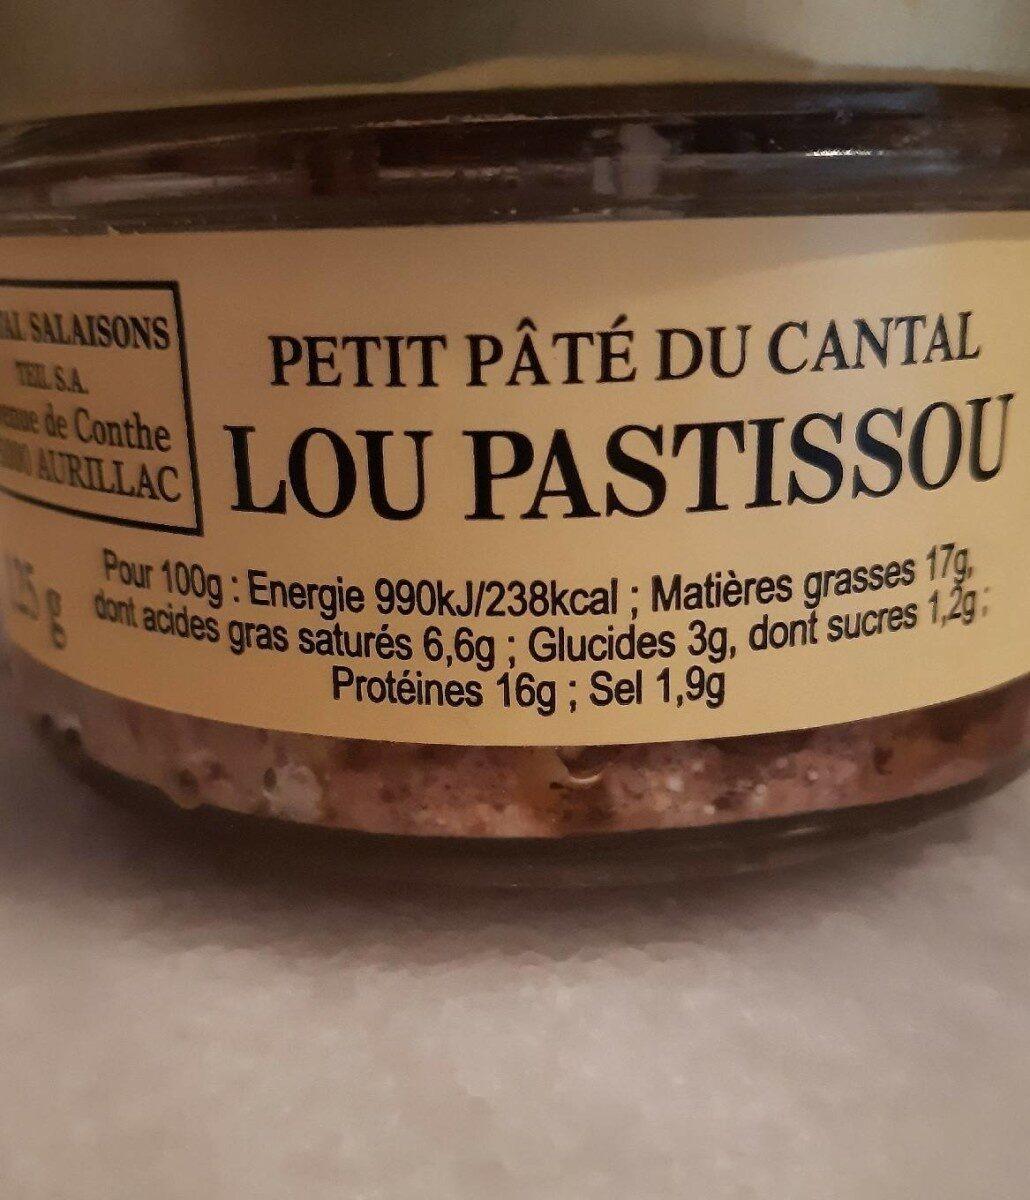 Petit pâté du Cantal - Lou PASTISSOU - Voedingswaarden - fr